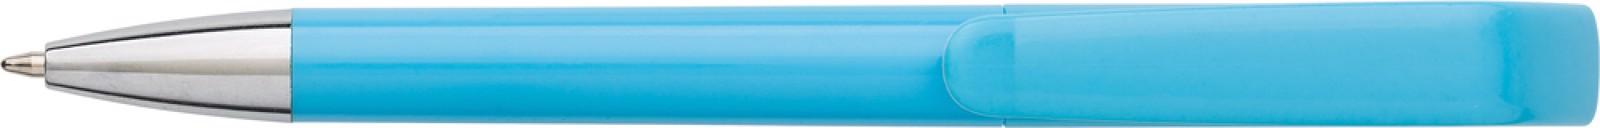 ABS ballpen - Light Blue